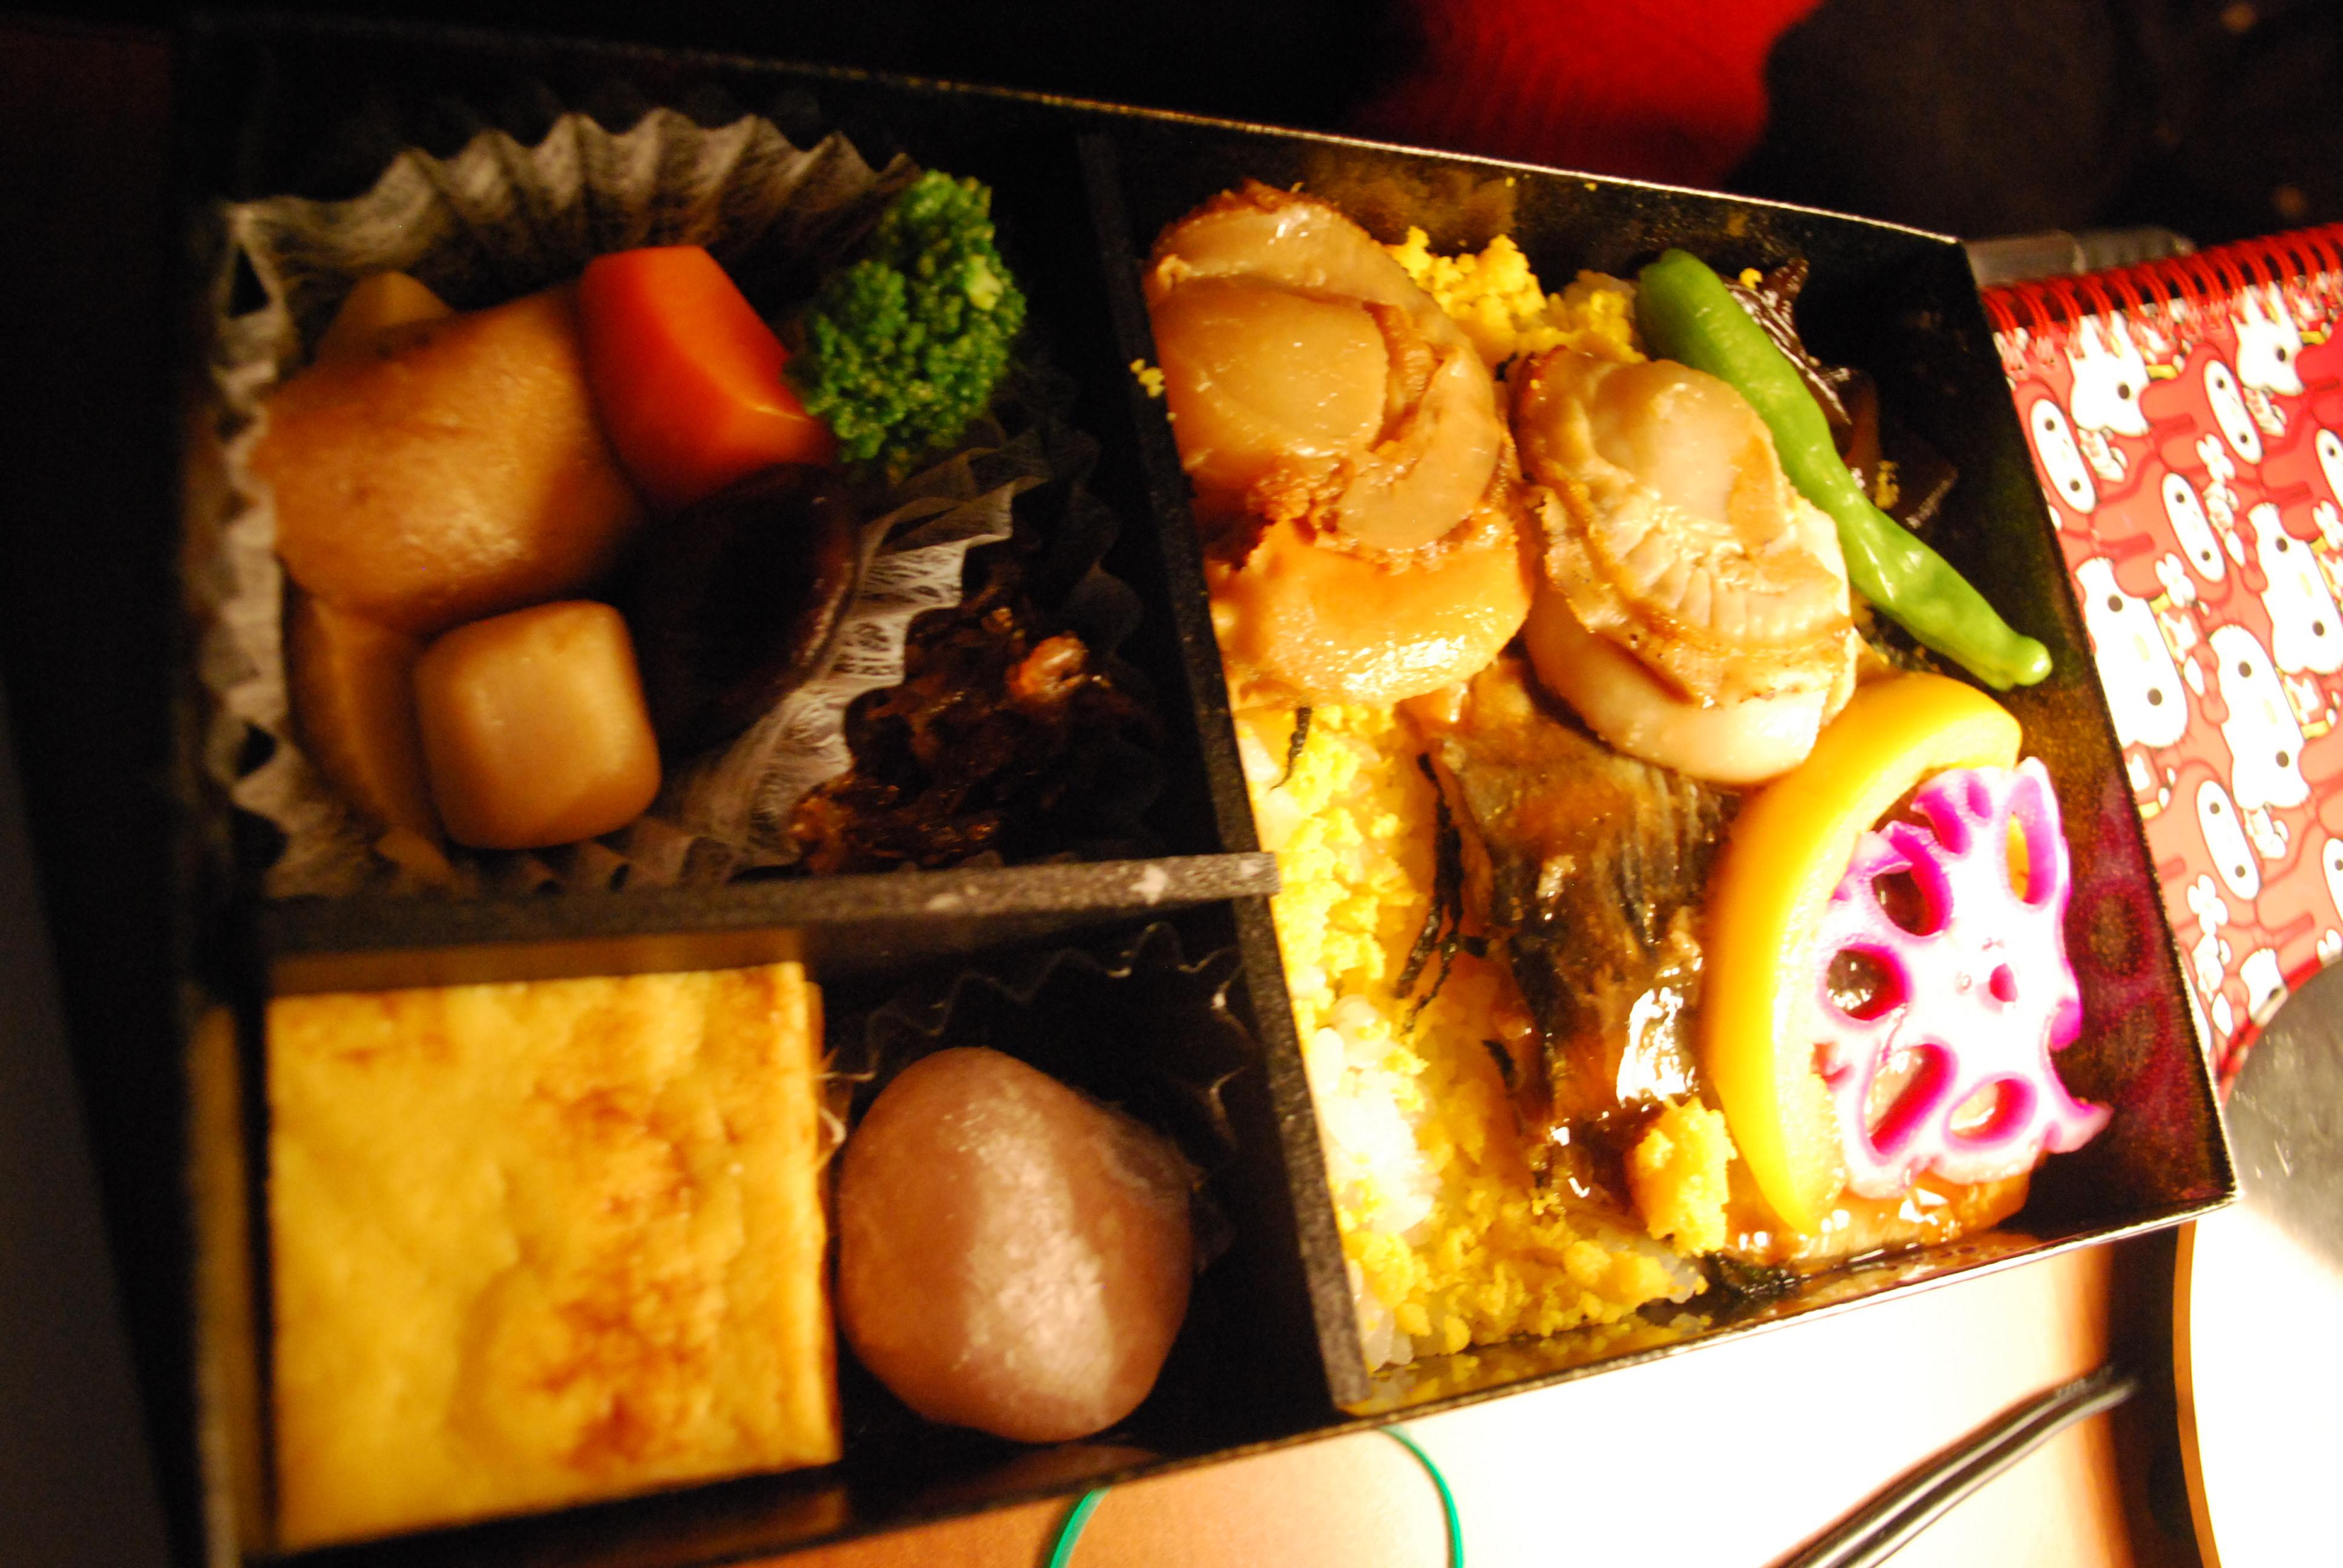 201212東京カフェ弁当2.JPG